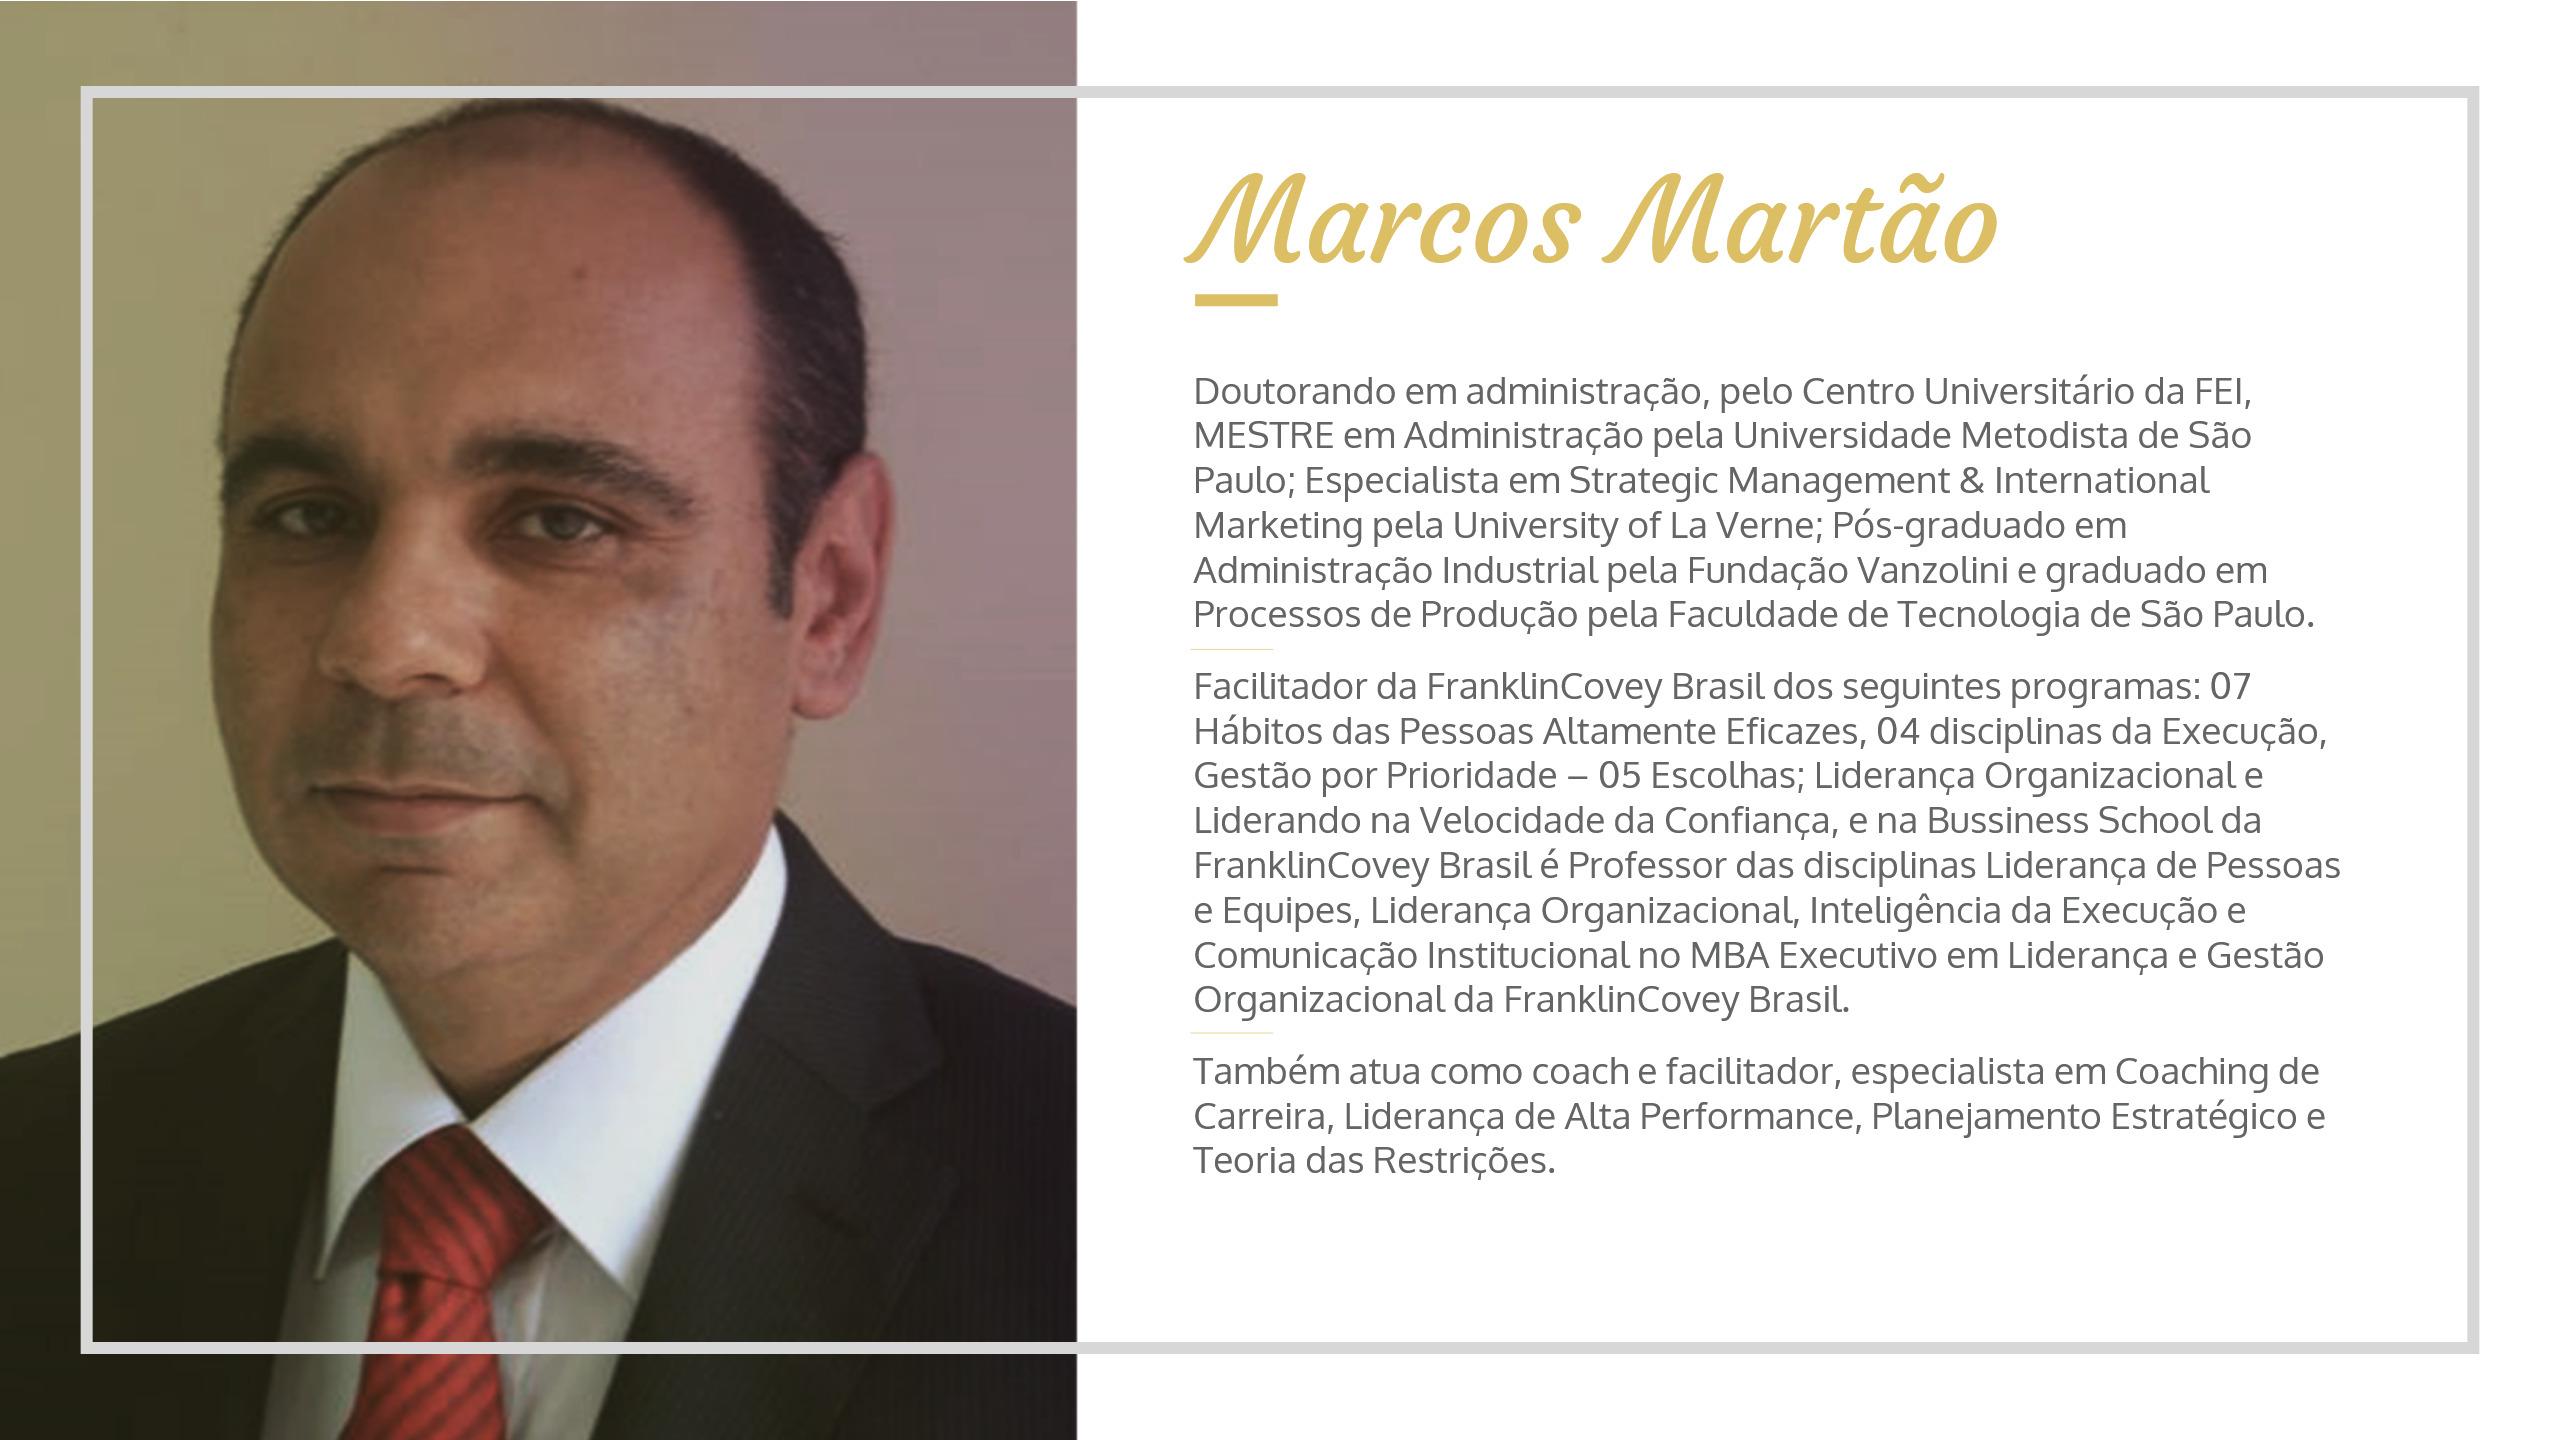 MarcosMartao